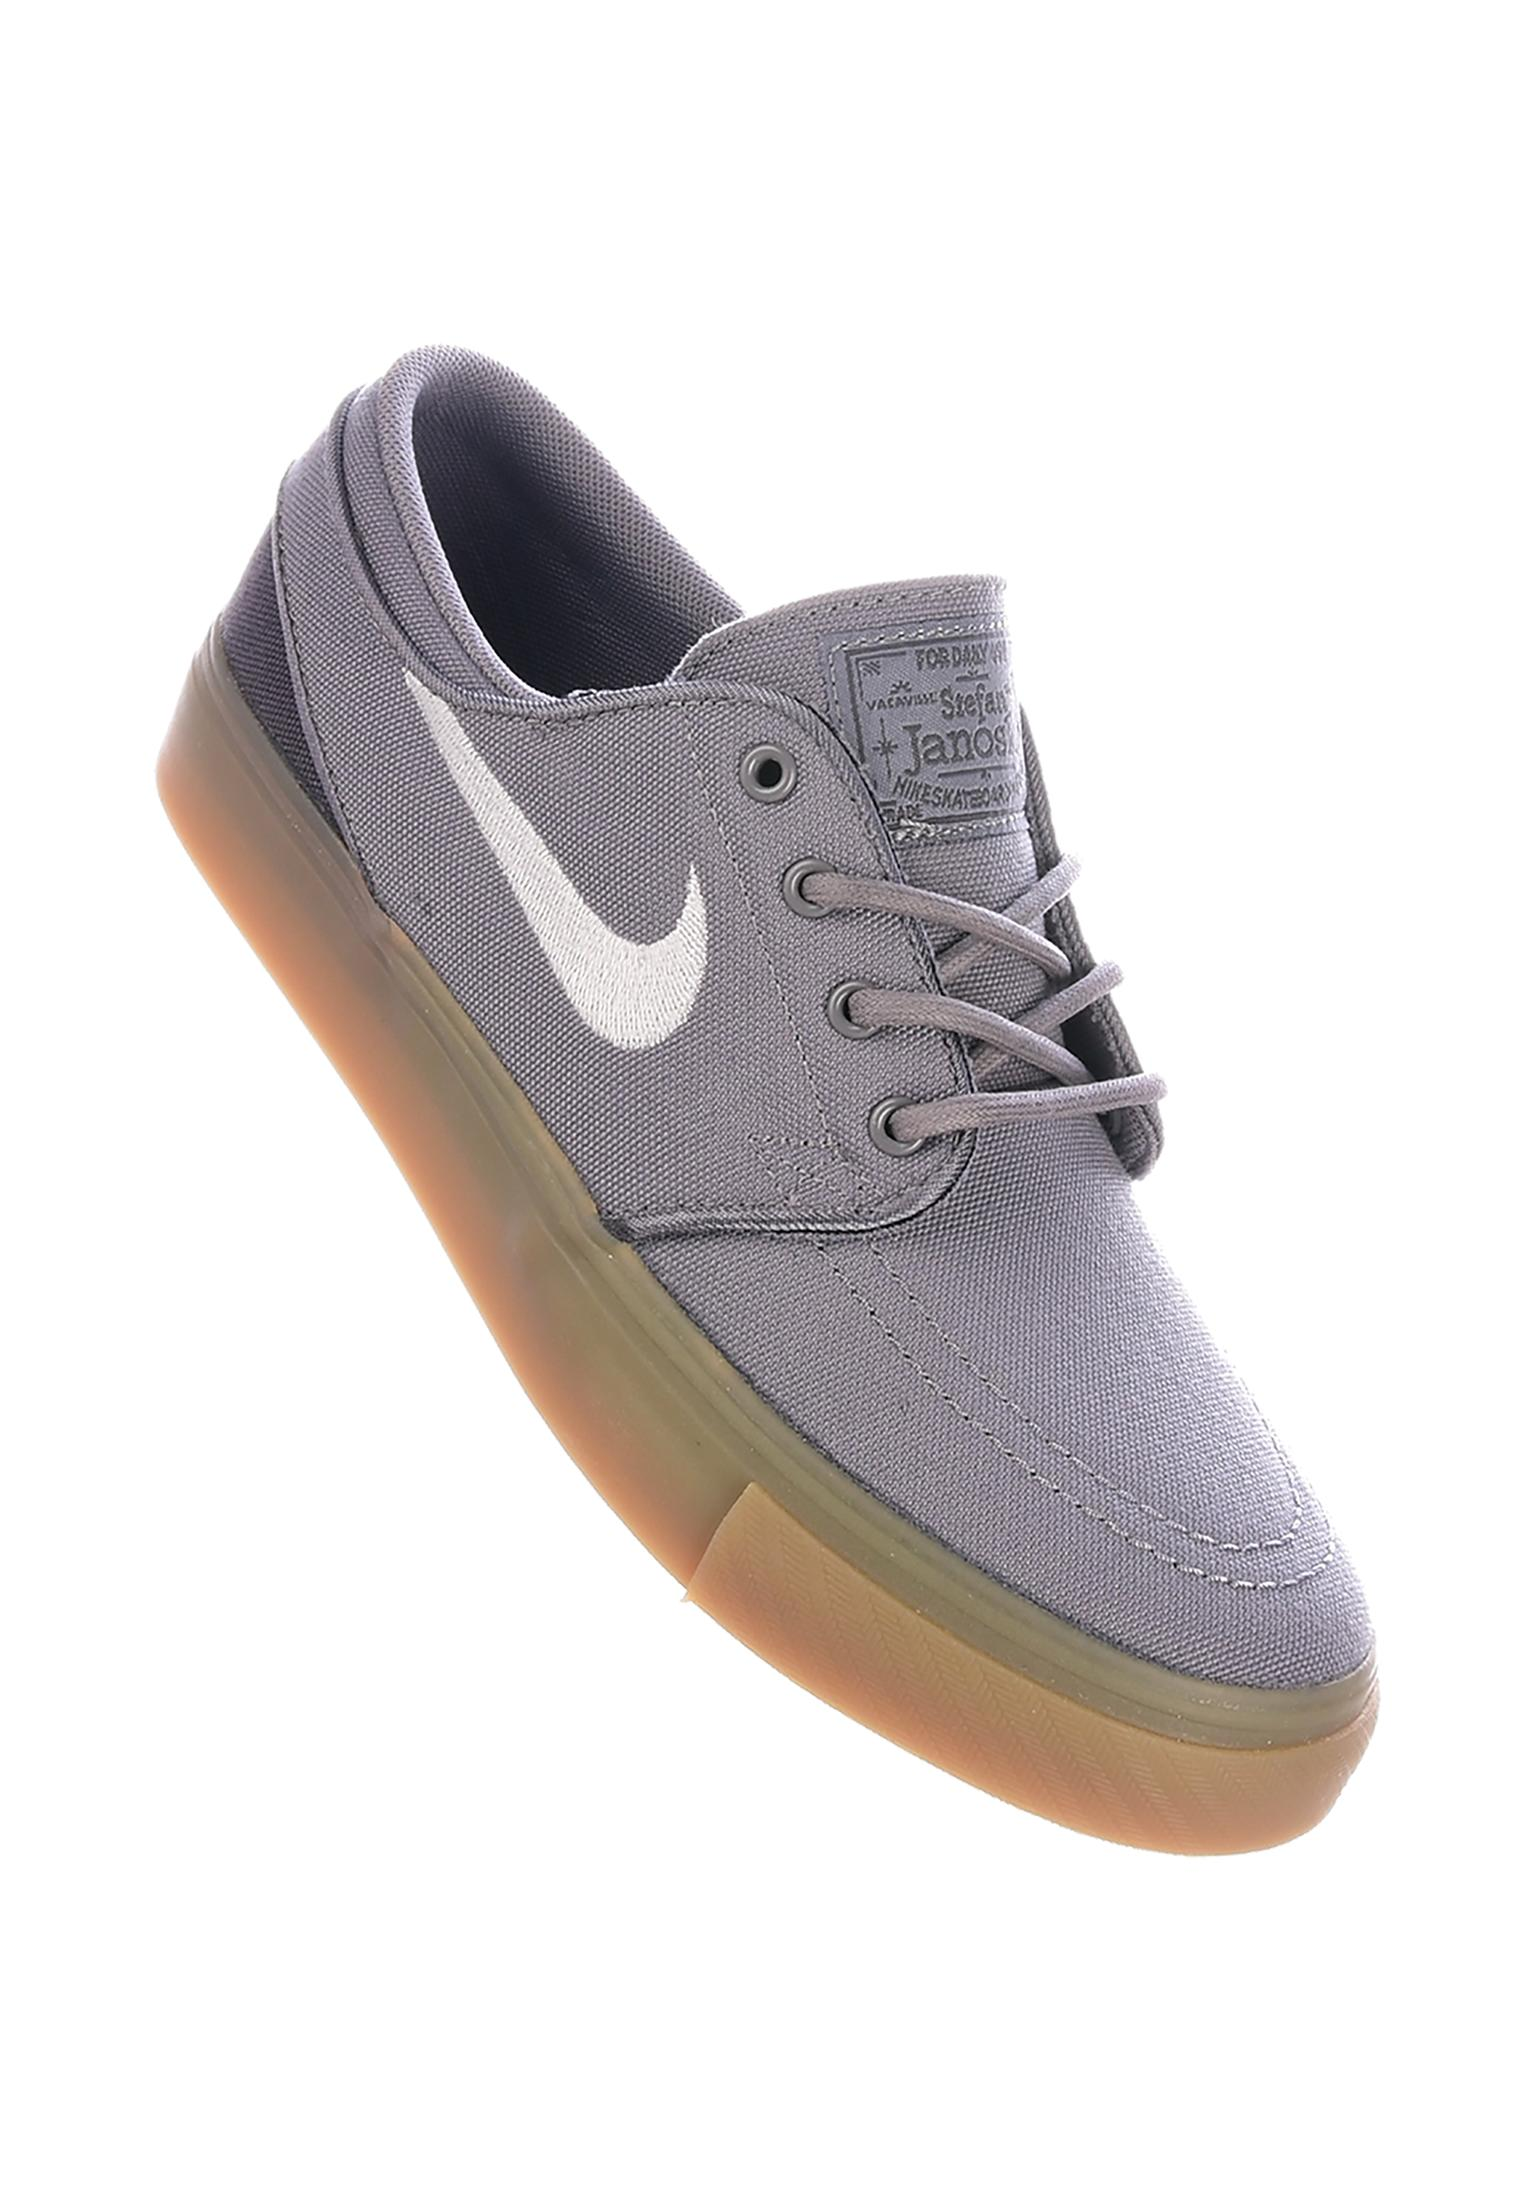 Tolle Neue Nike SB Zoom Stefan Janoski Leather Sneaker